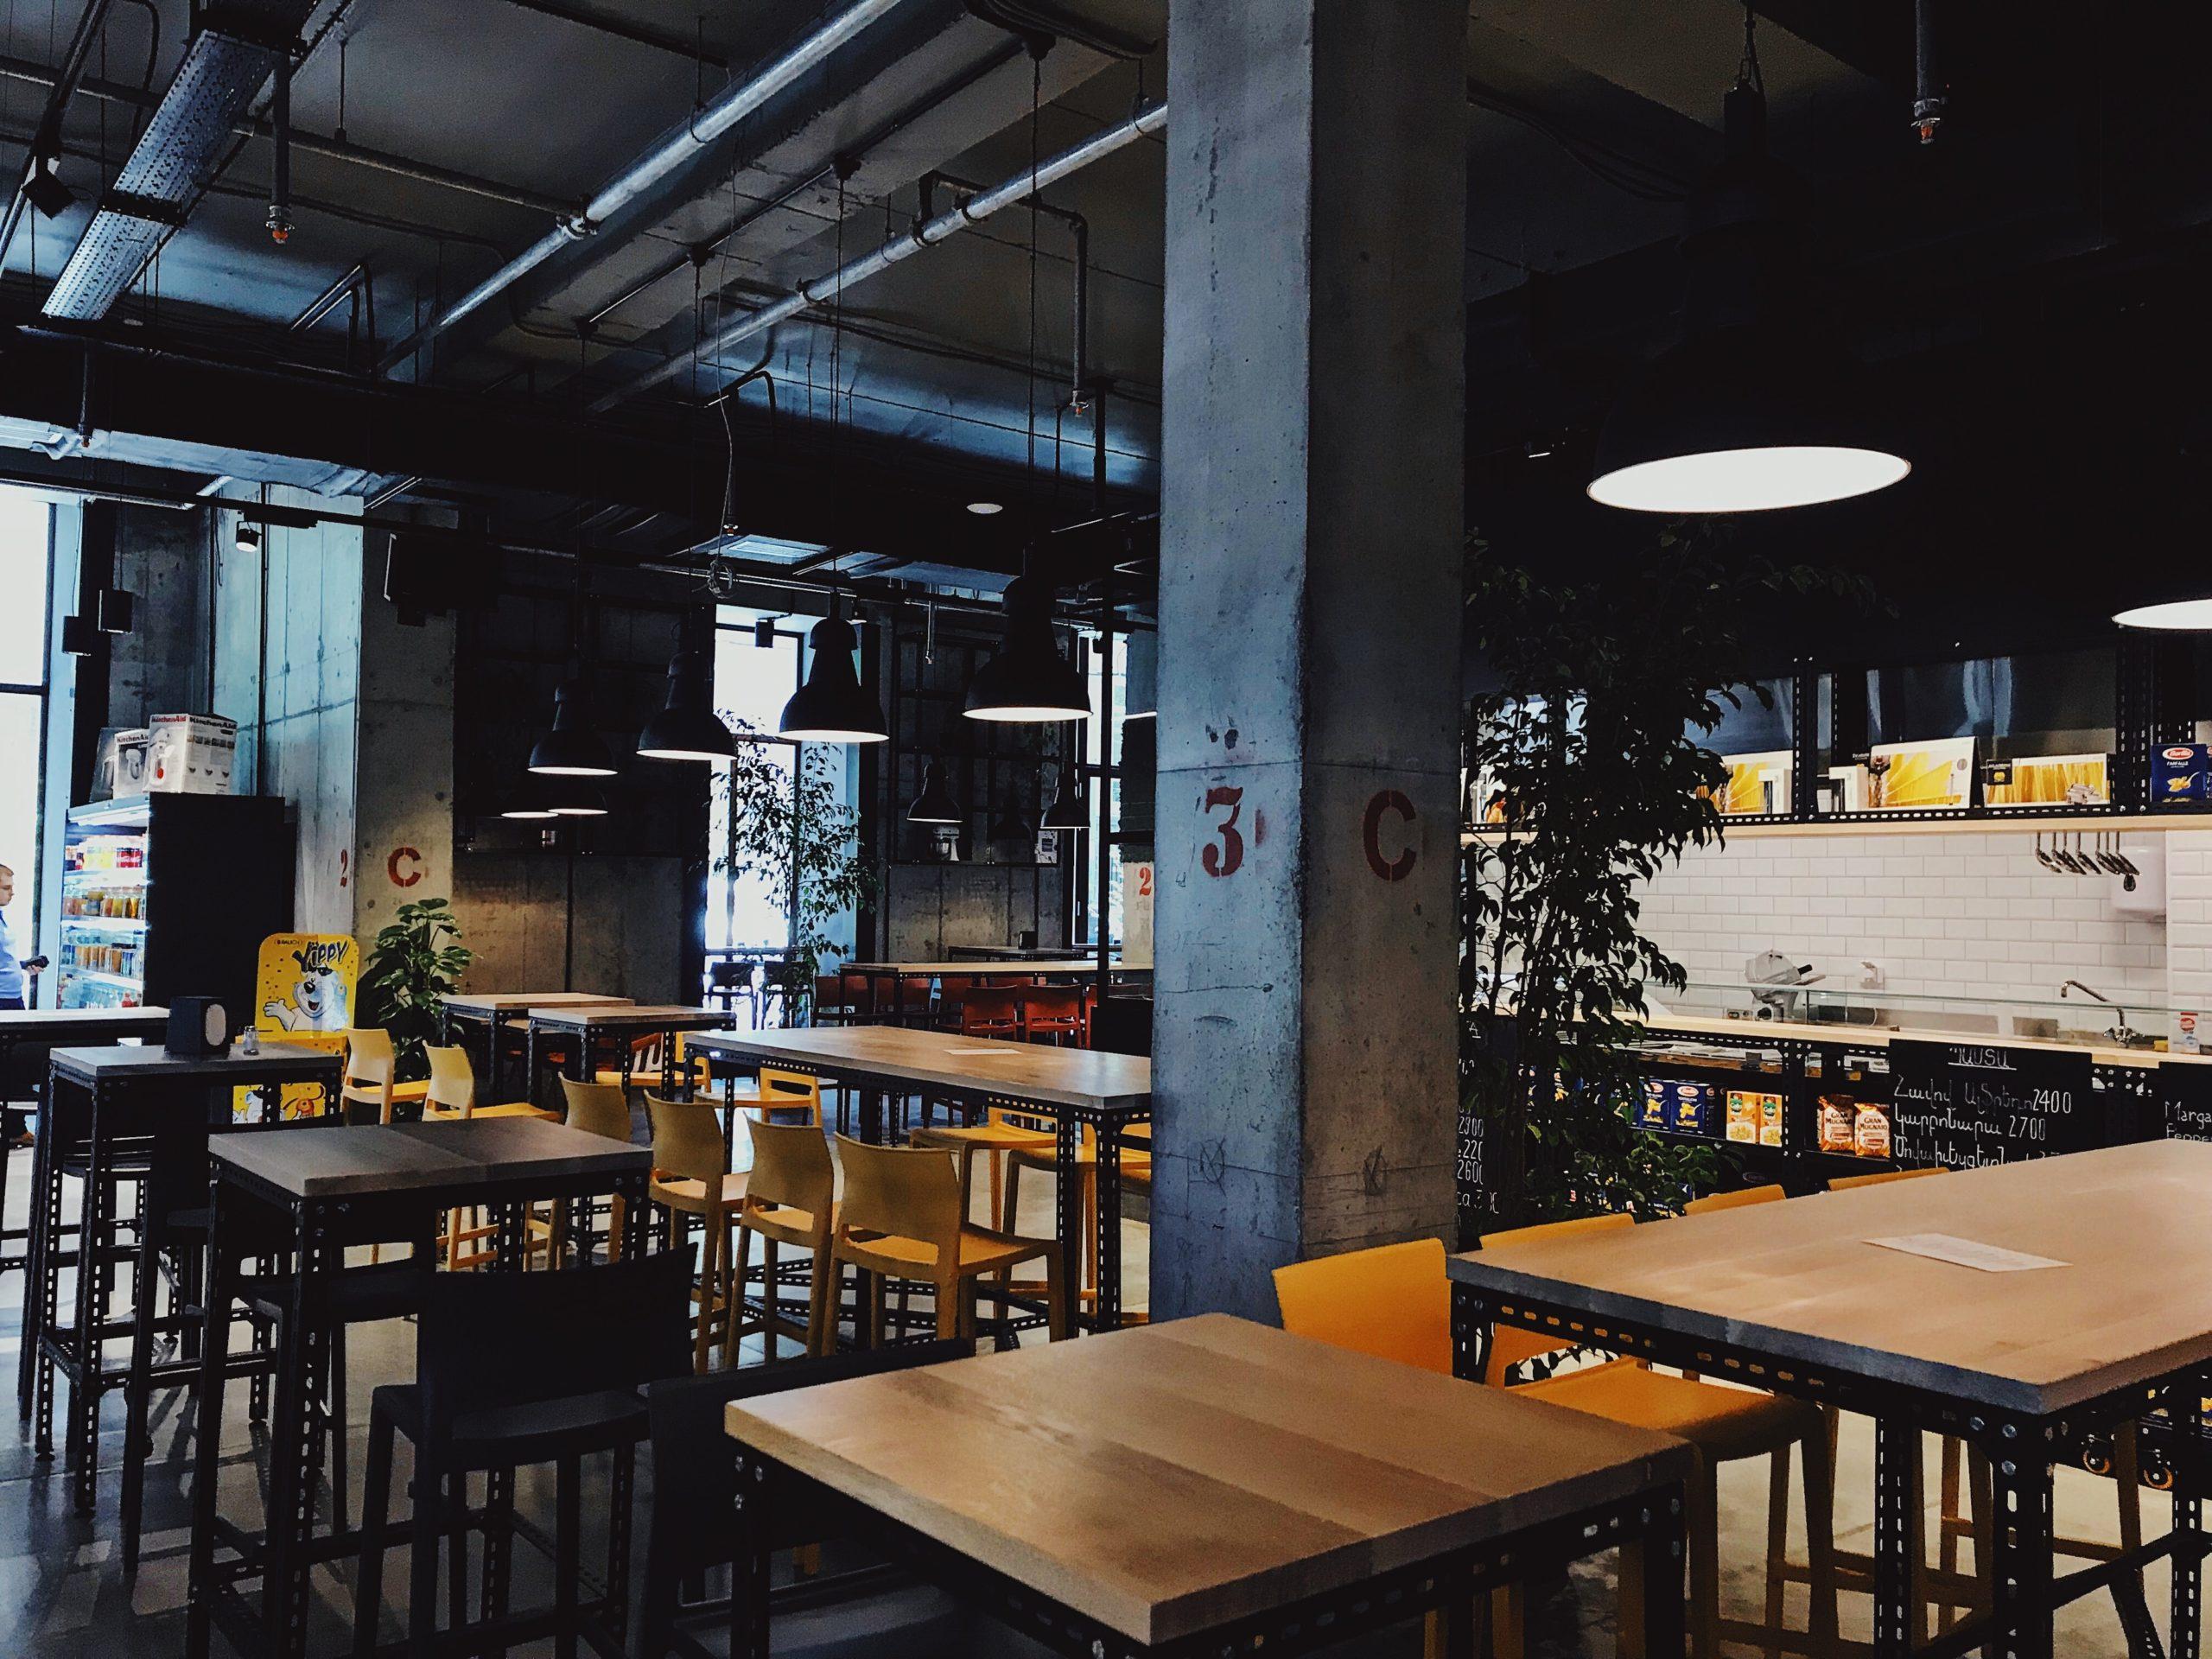 restaurant, recession